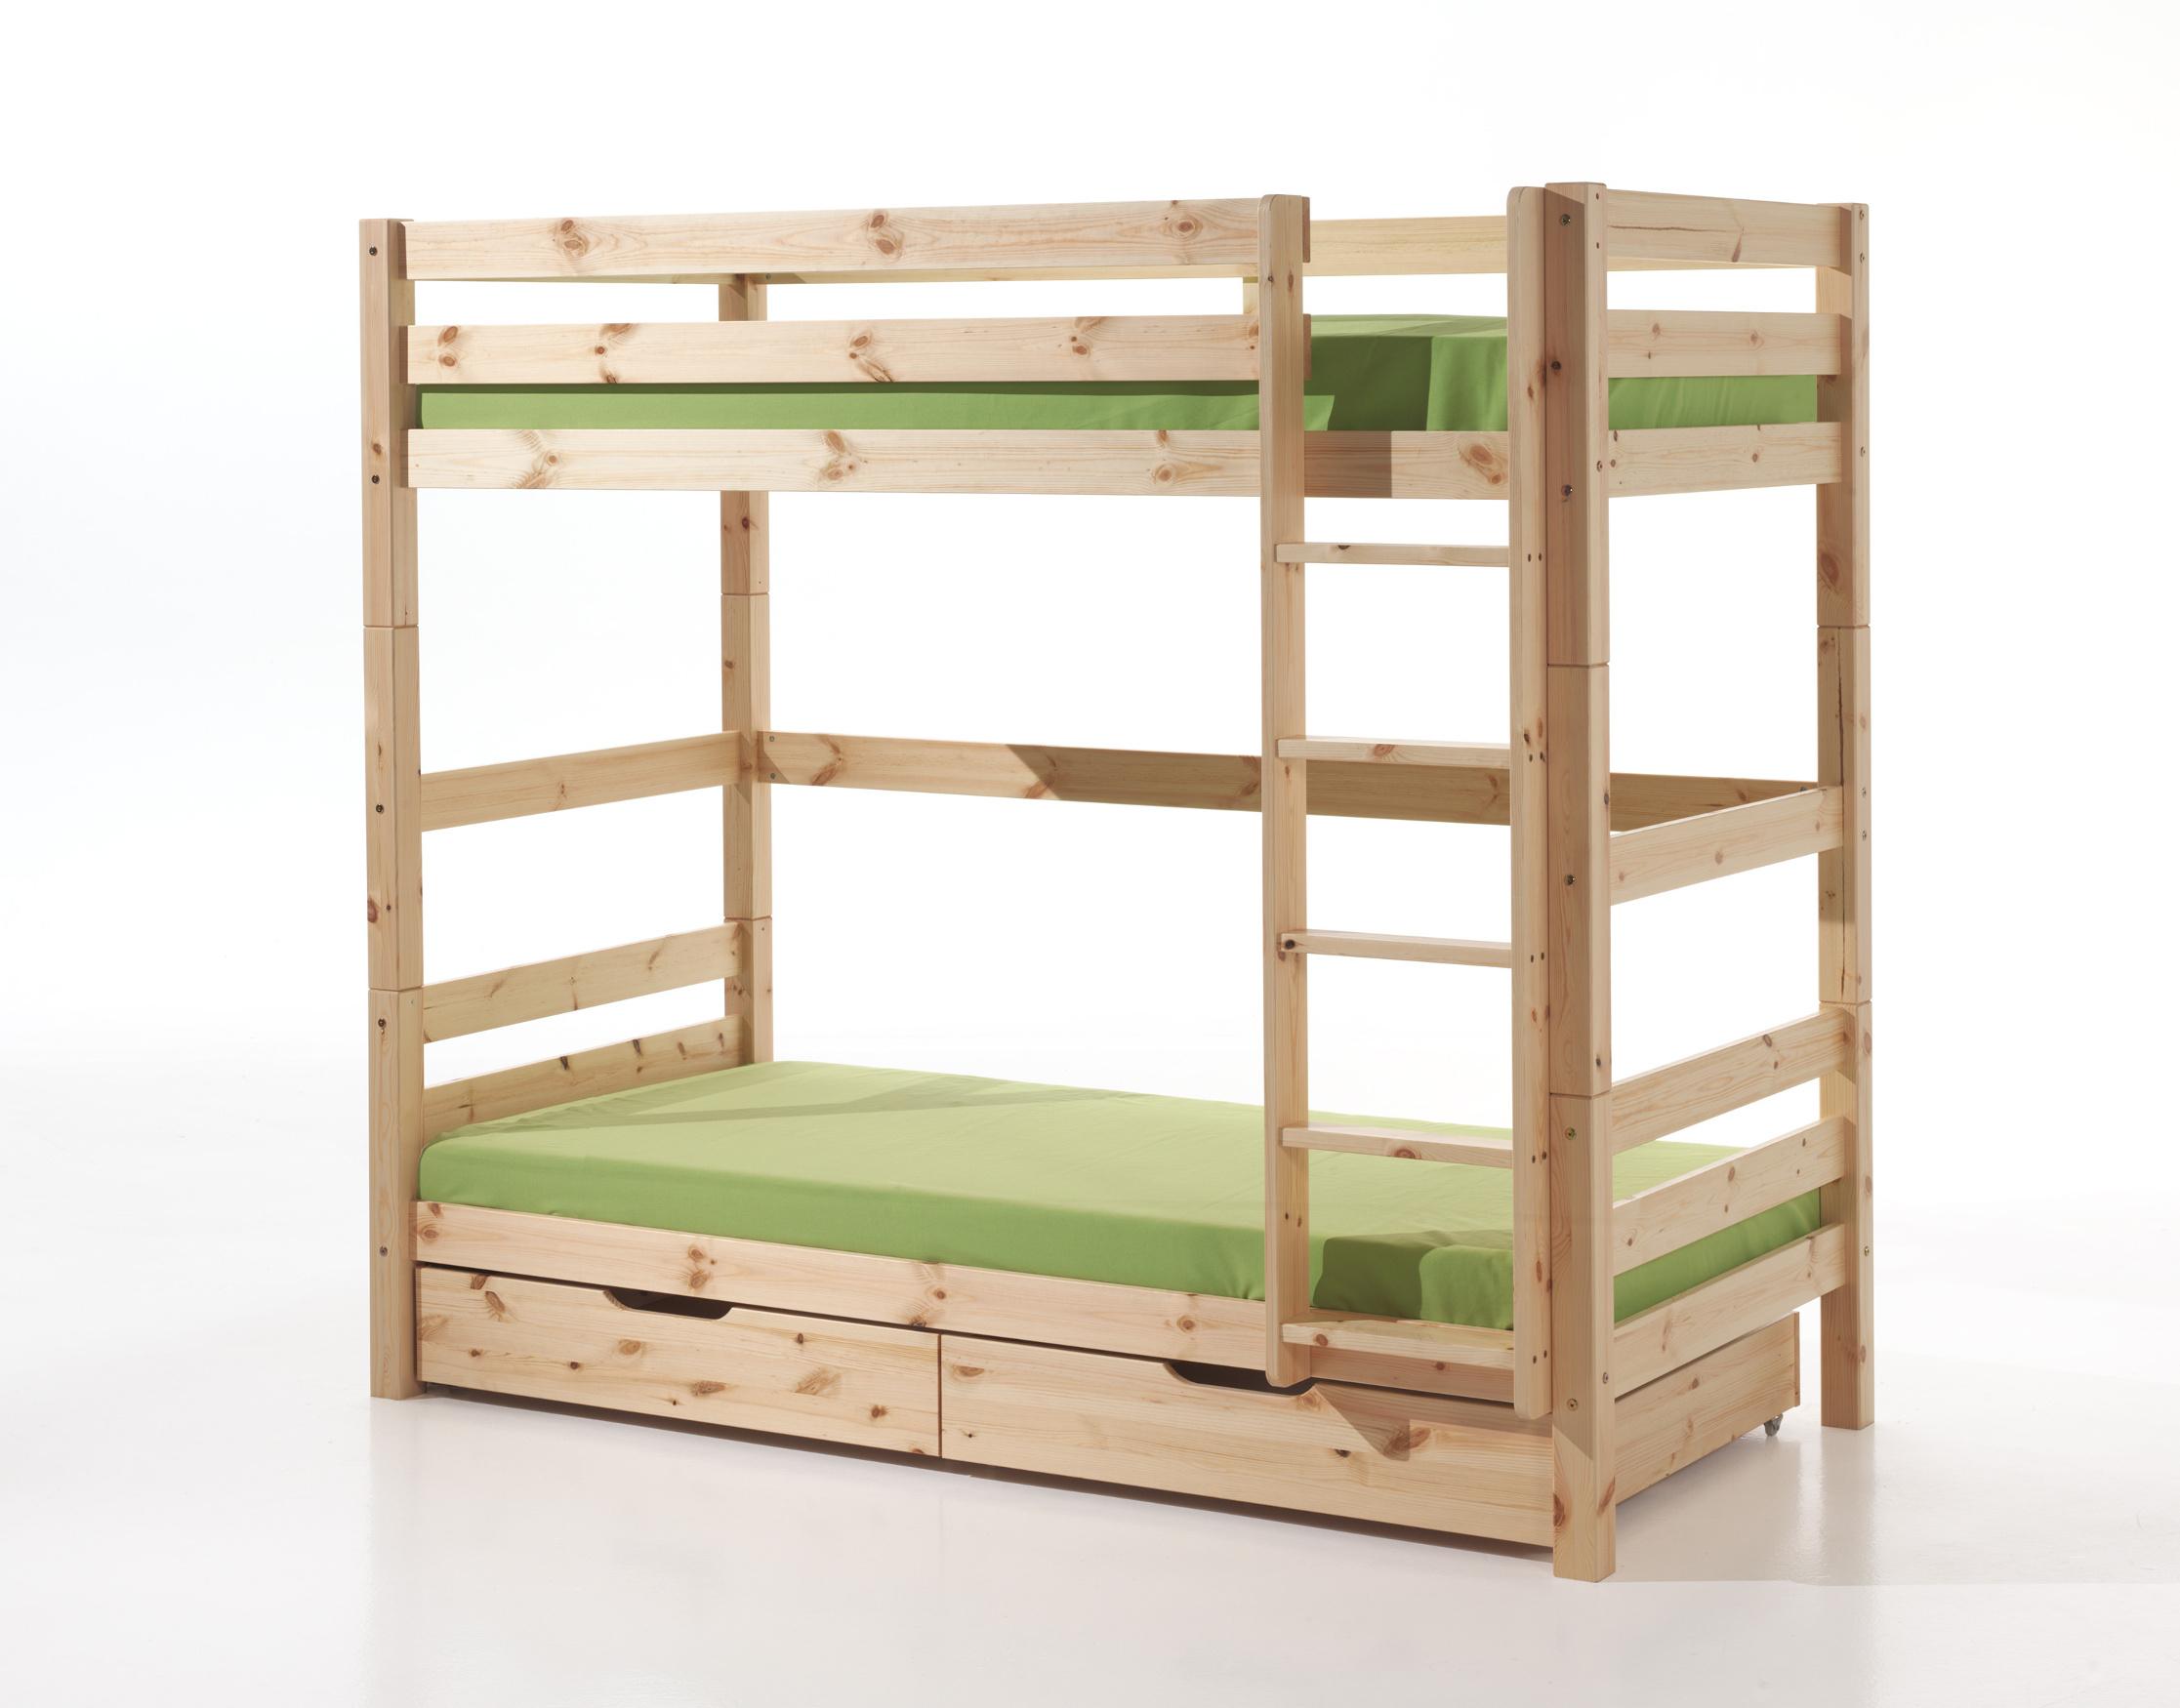 Etagenbett Hoch : Etagenbett pino mit 2 bettschubladen liegeflächen 182 cm